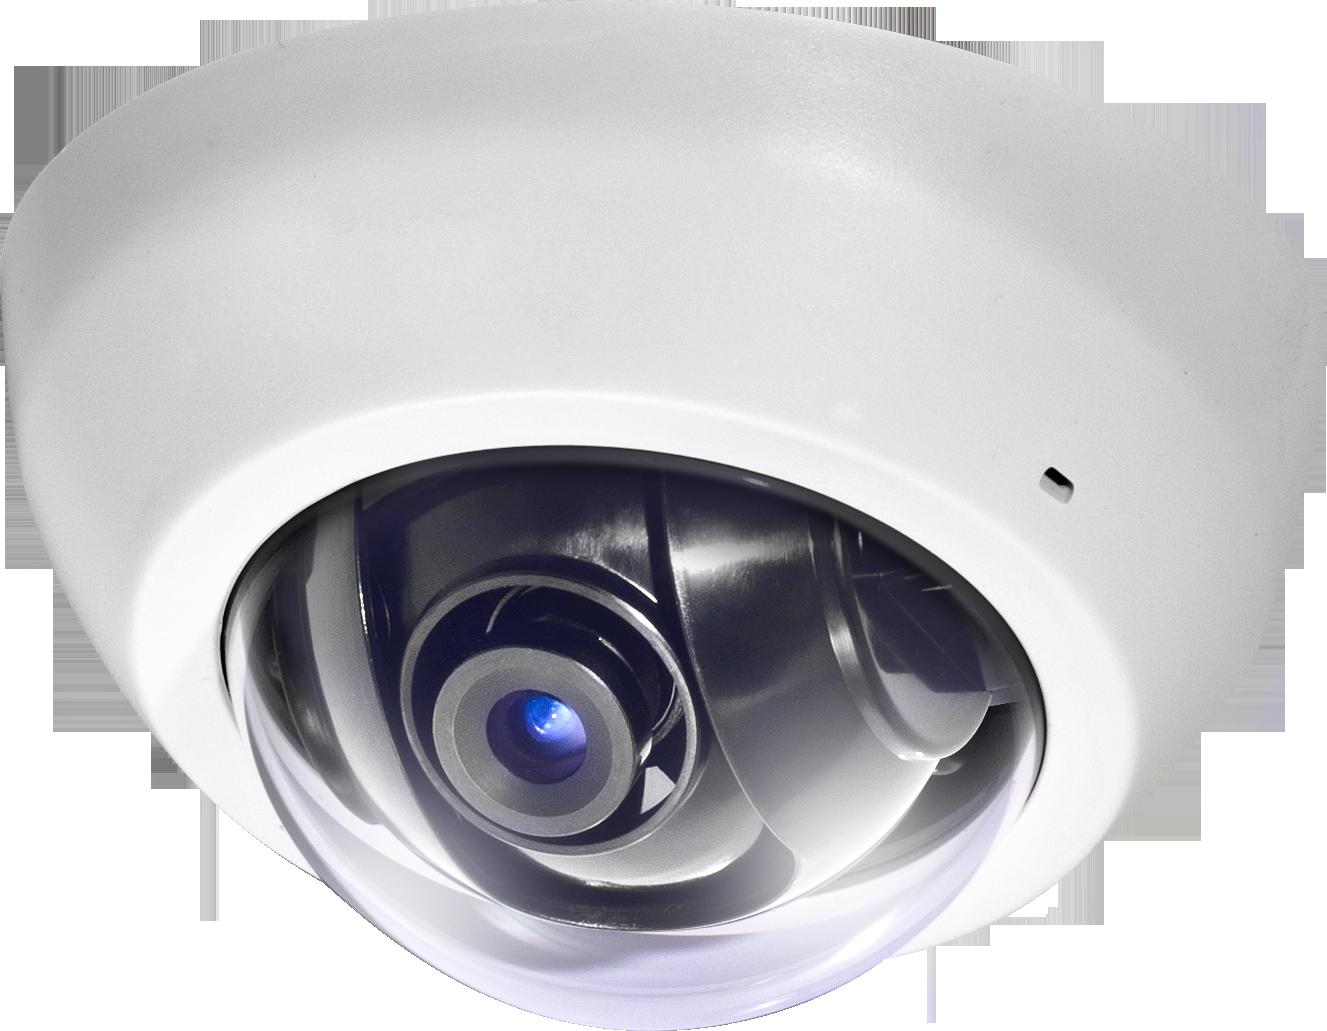 CCTV PNG Images Transparent Free Download.